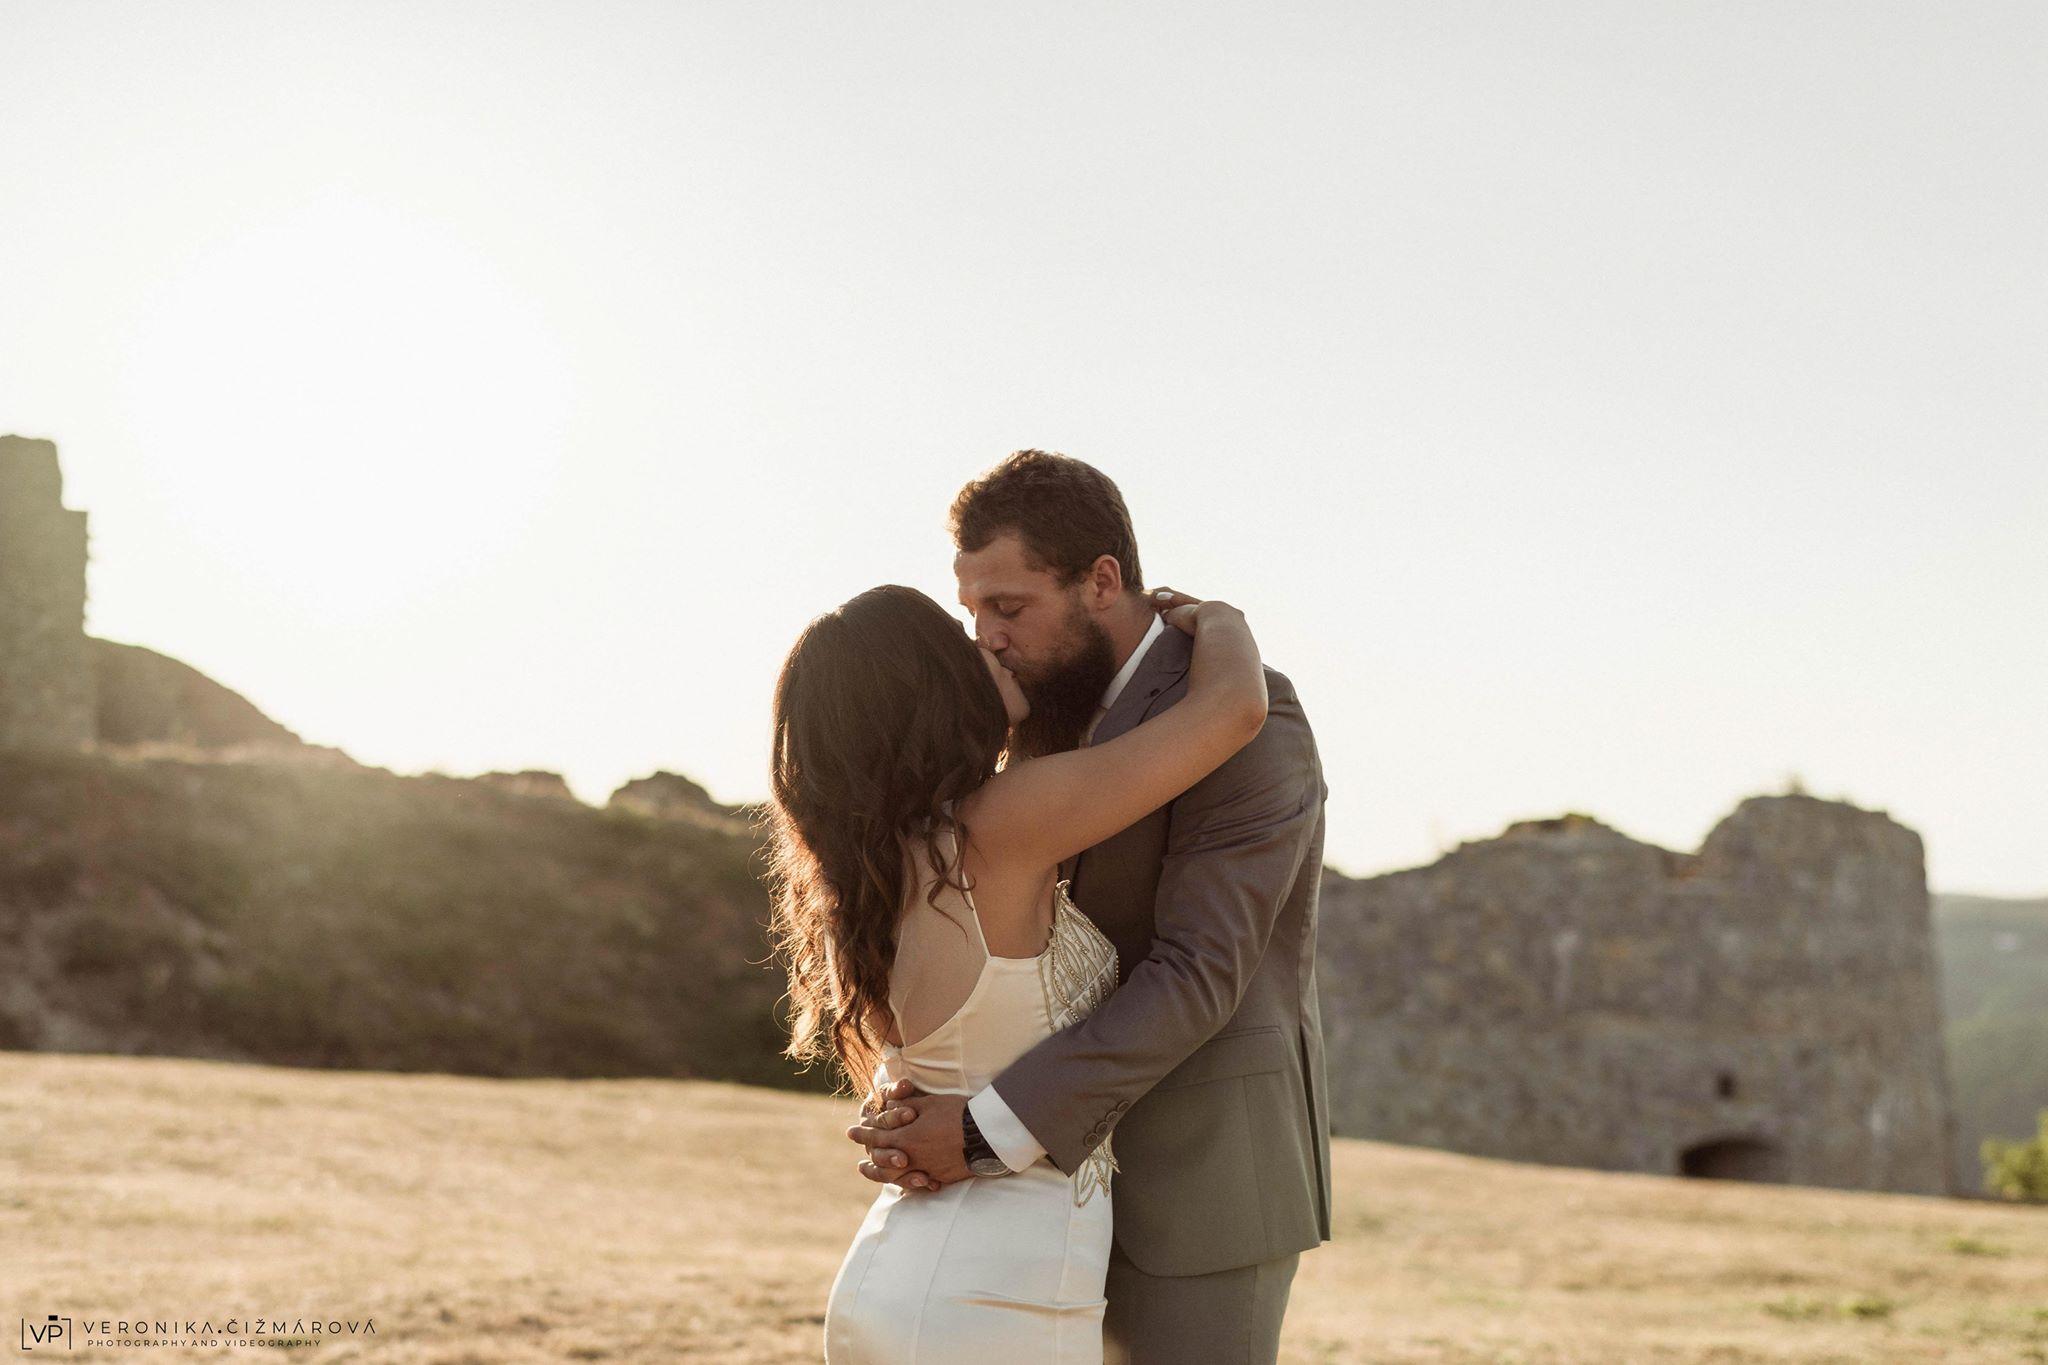 fotograf-na-svadbu-zilinajpg